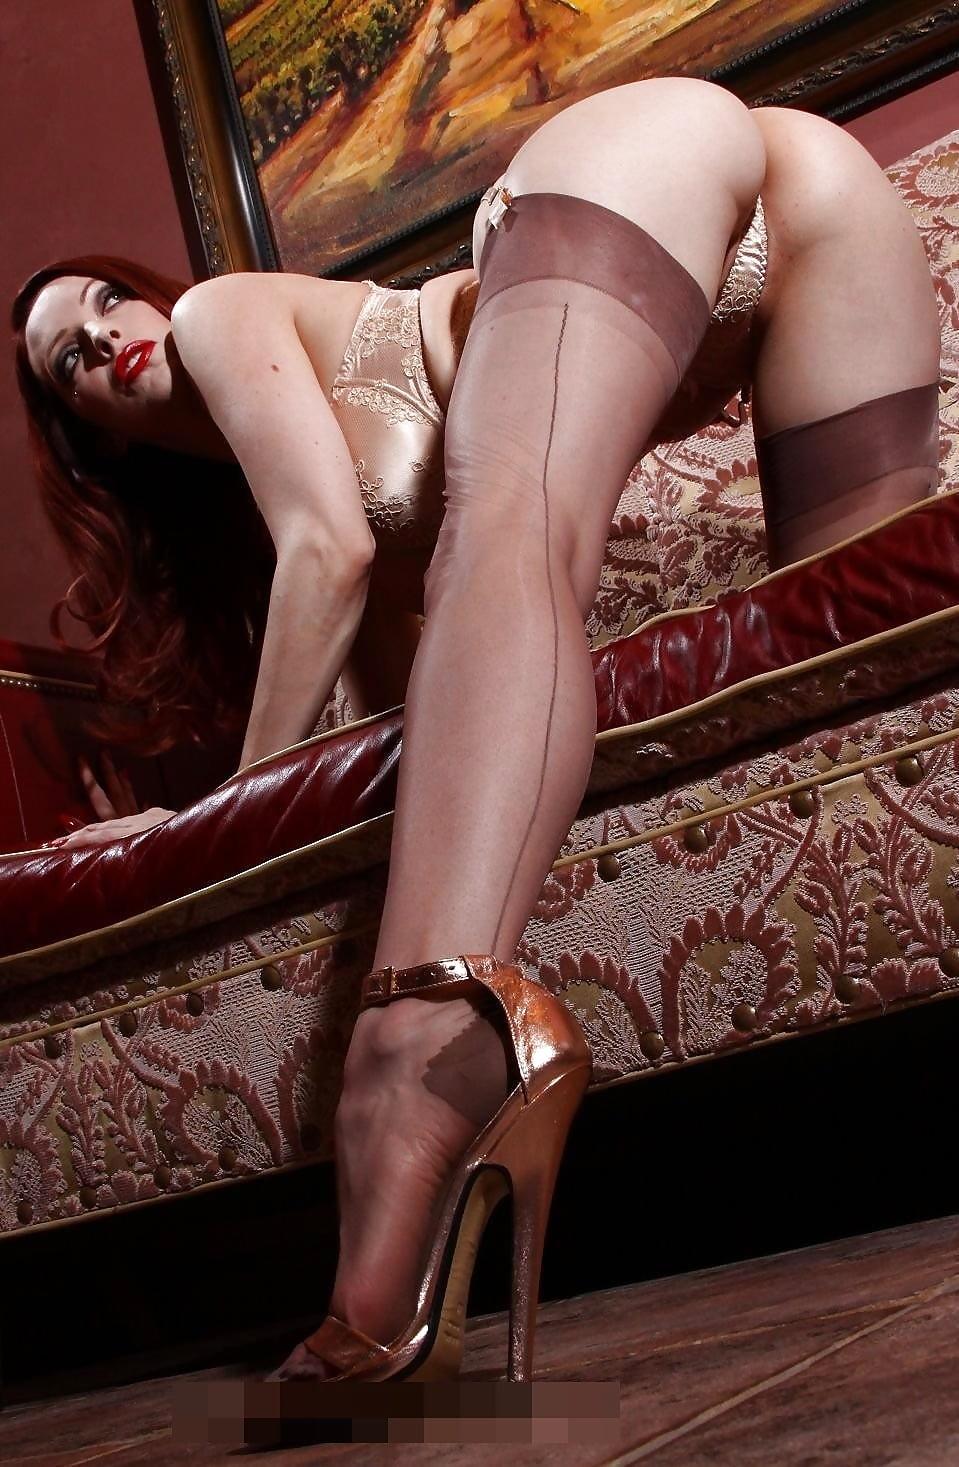 Stocking babes thumbnail galleries silk, mega fat girls having sex